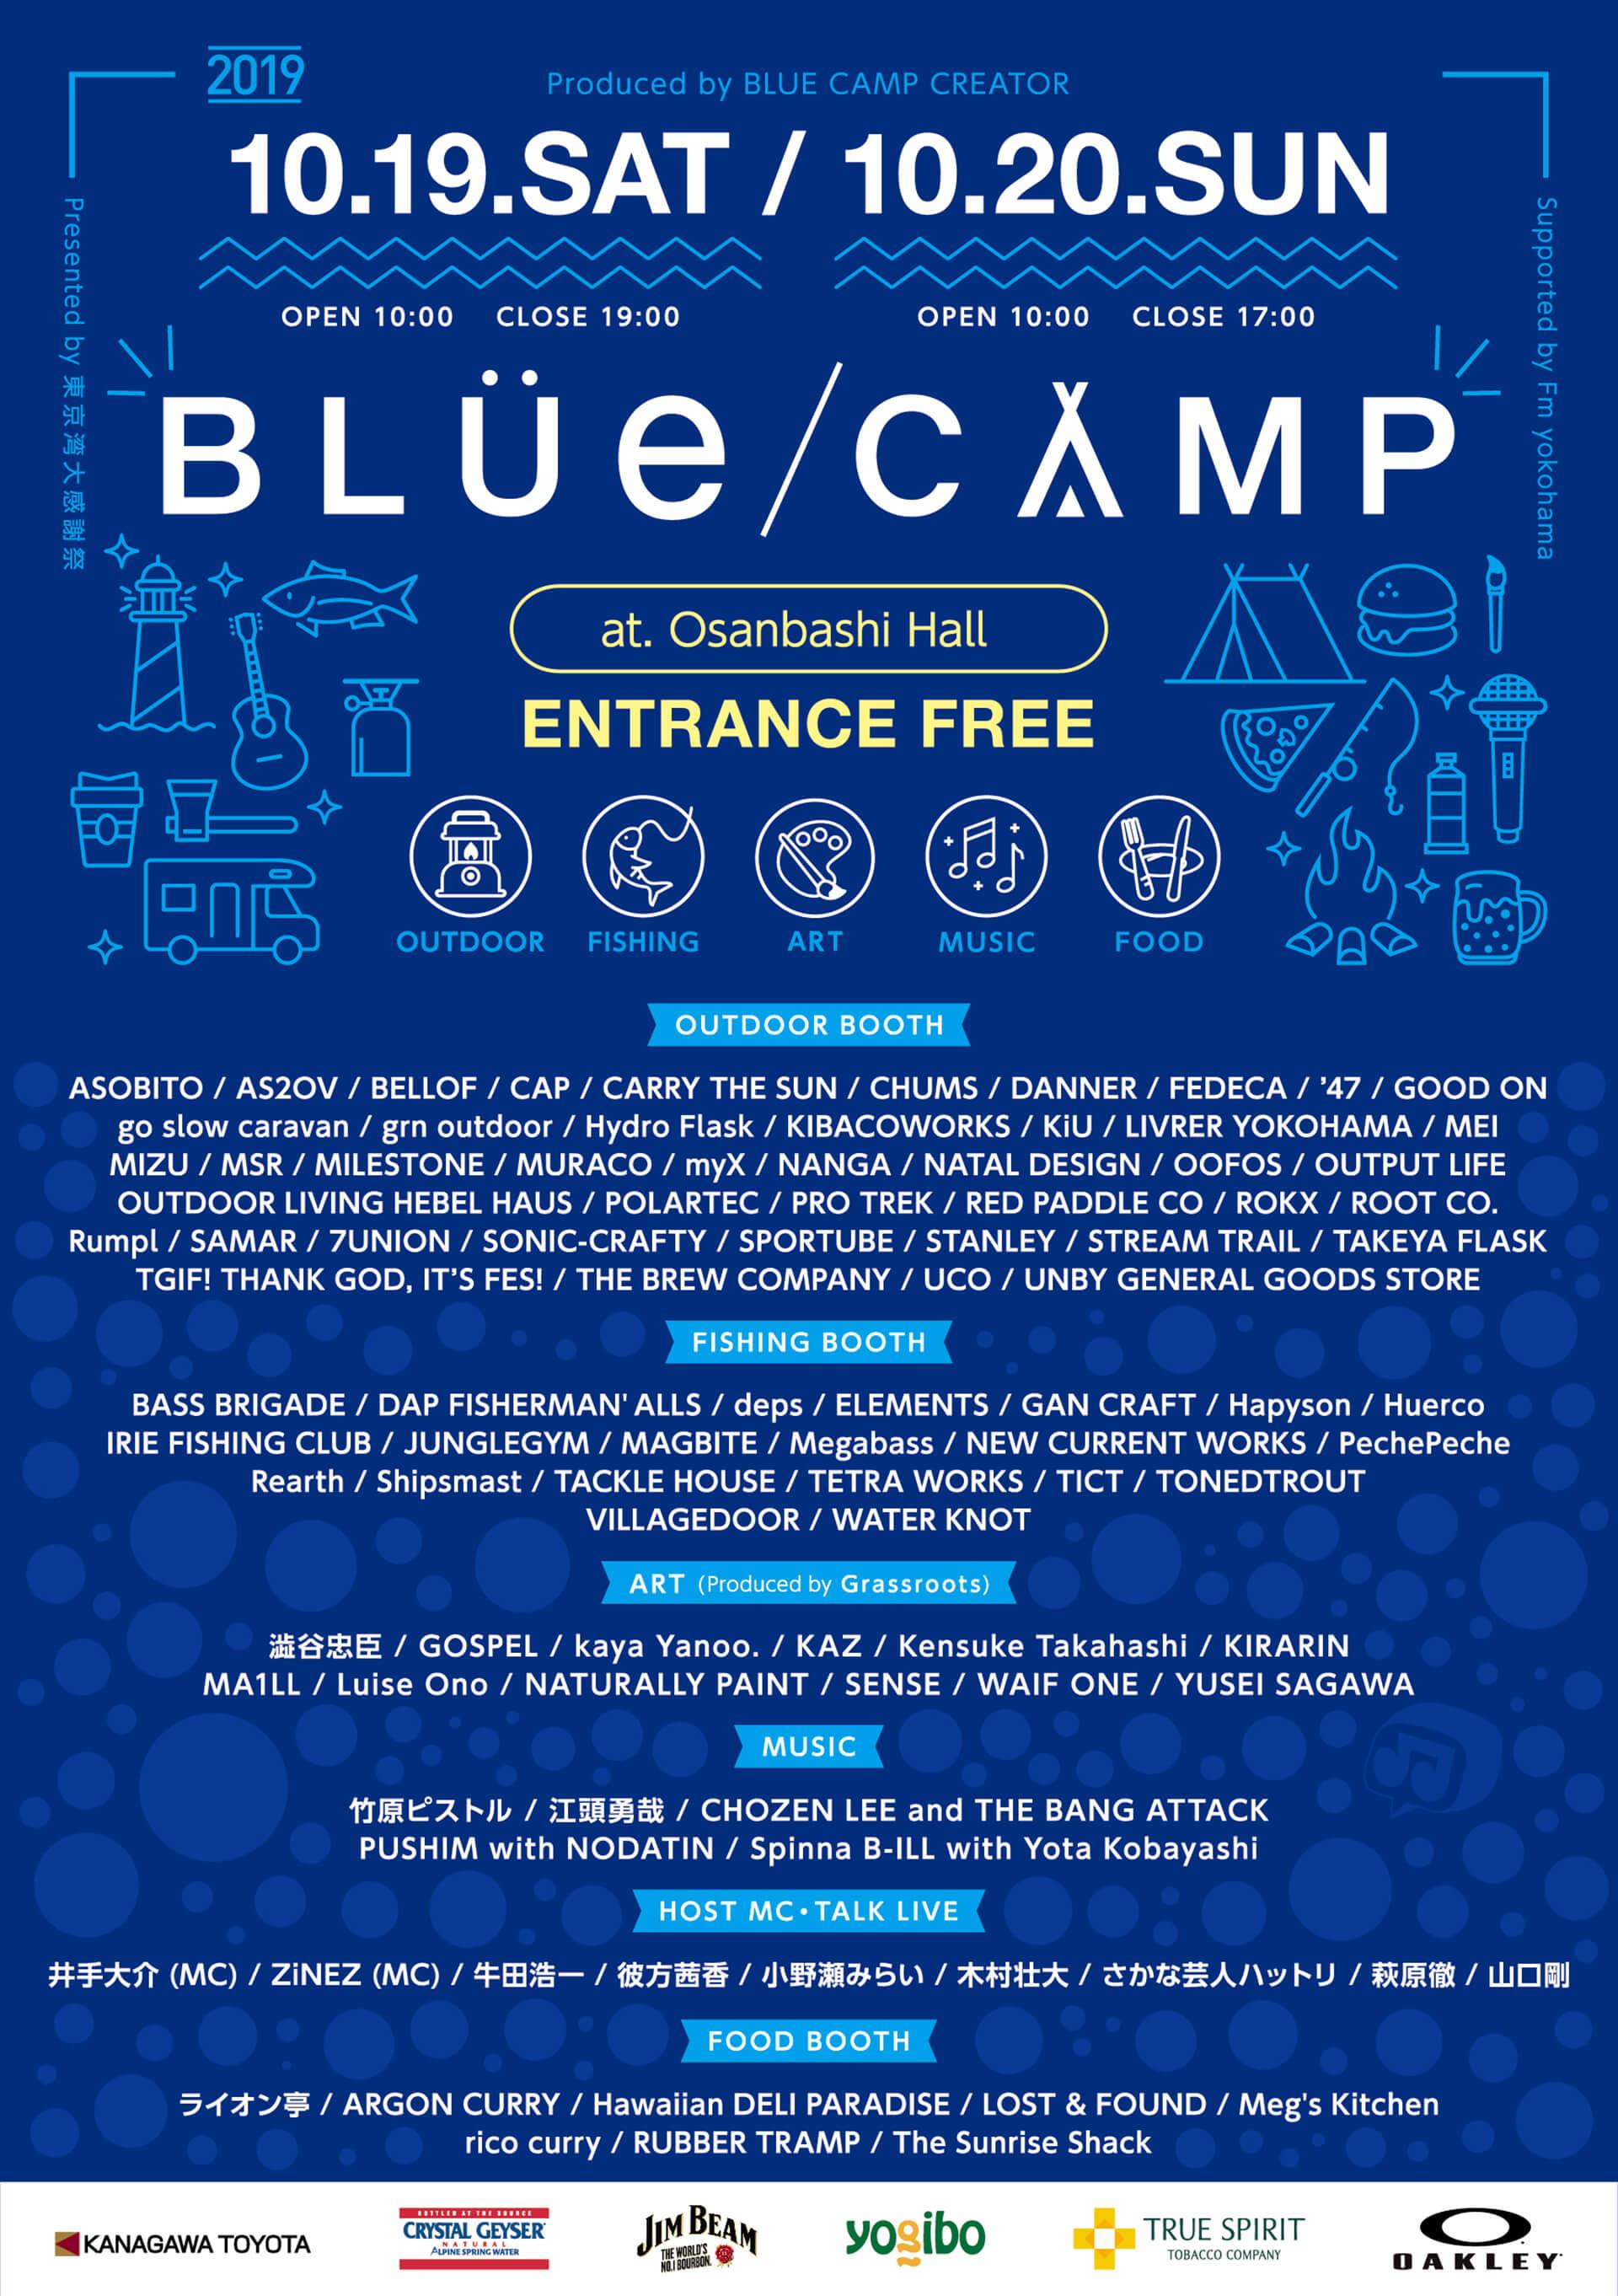 BLUE CAMP 2019メインビジュアル